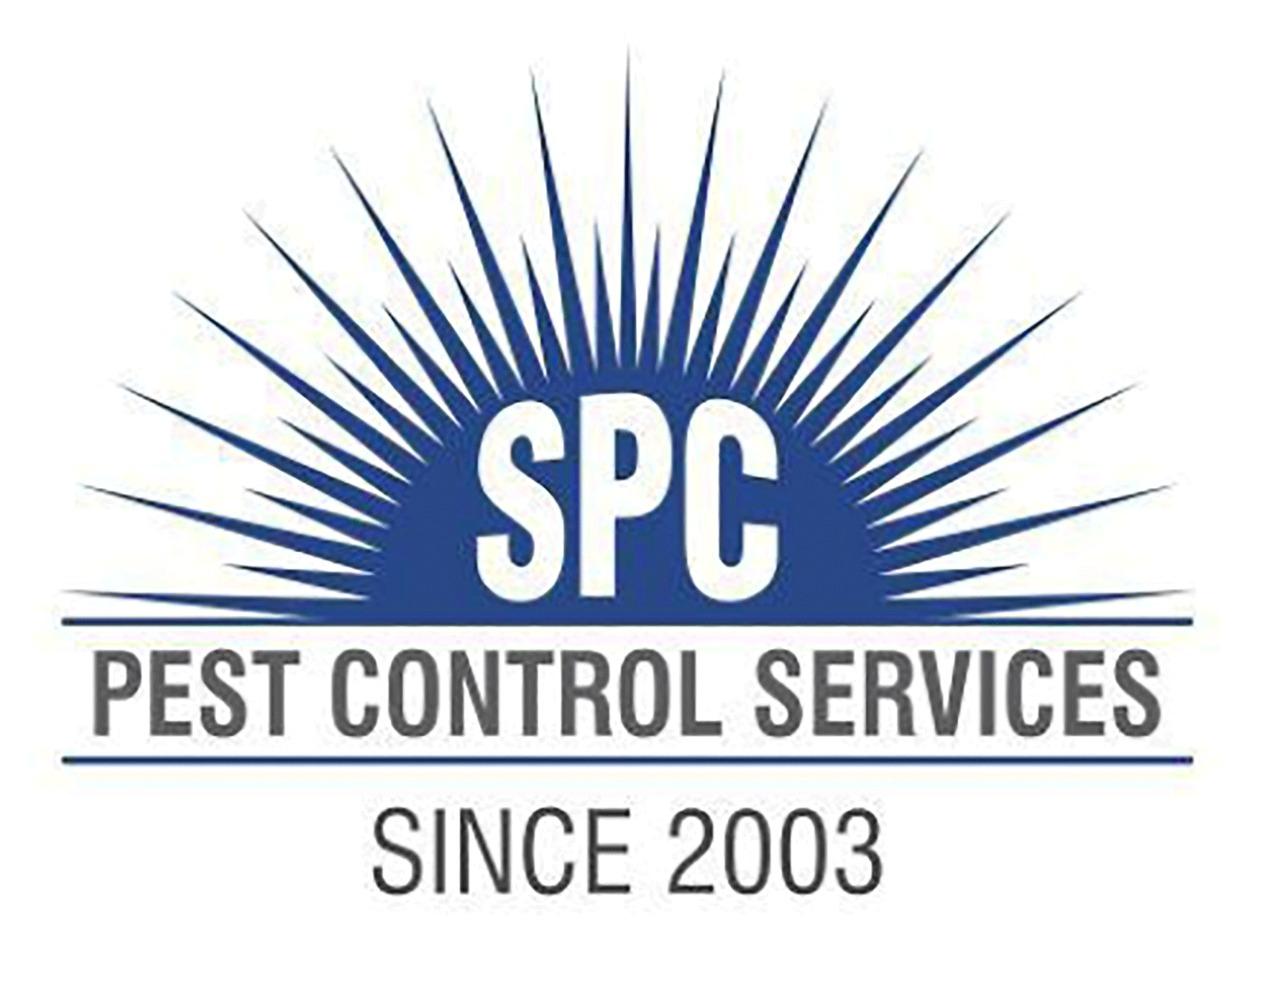 Pest control service chandigarh, Mohali, Panchkula and Patiala